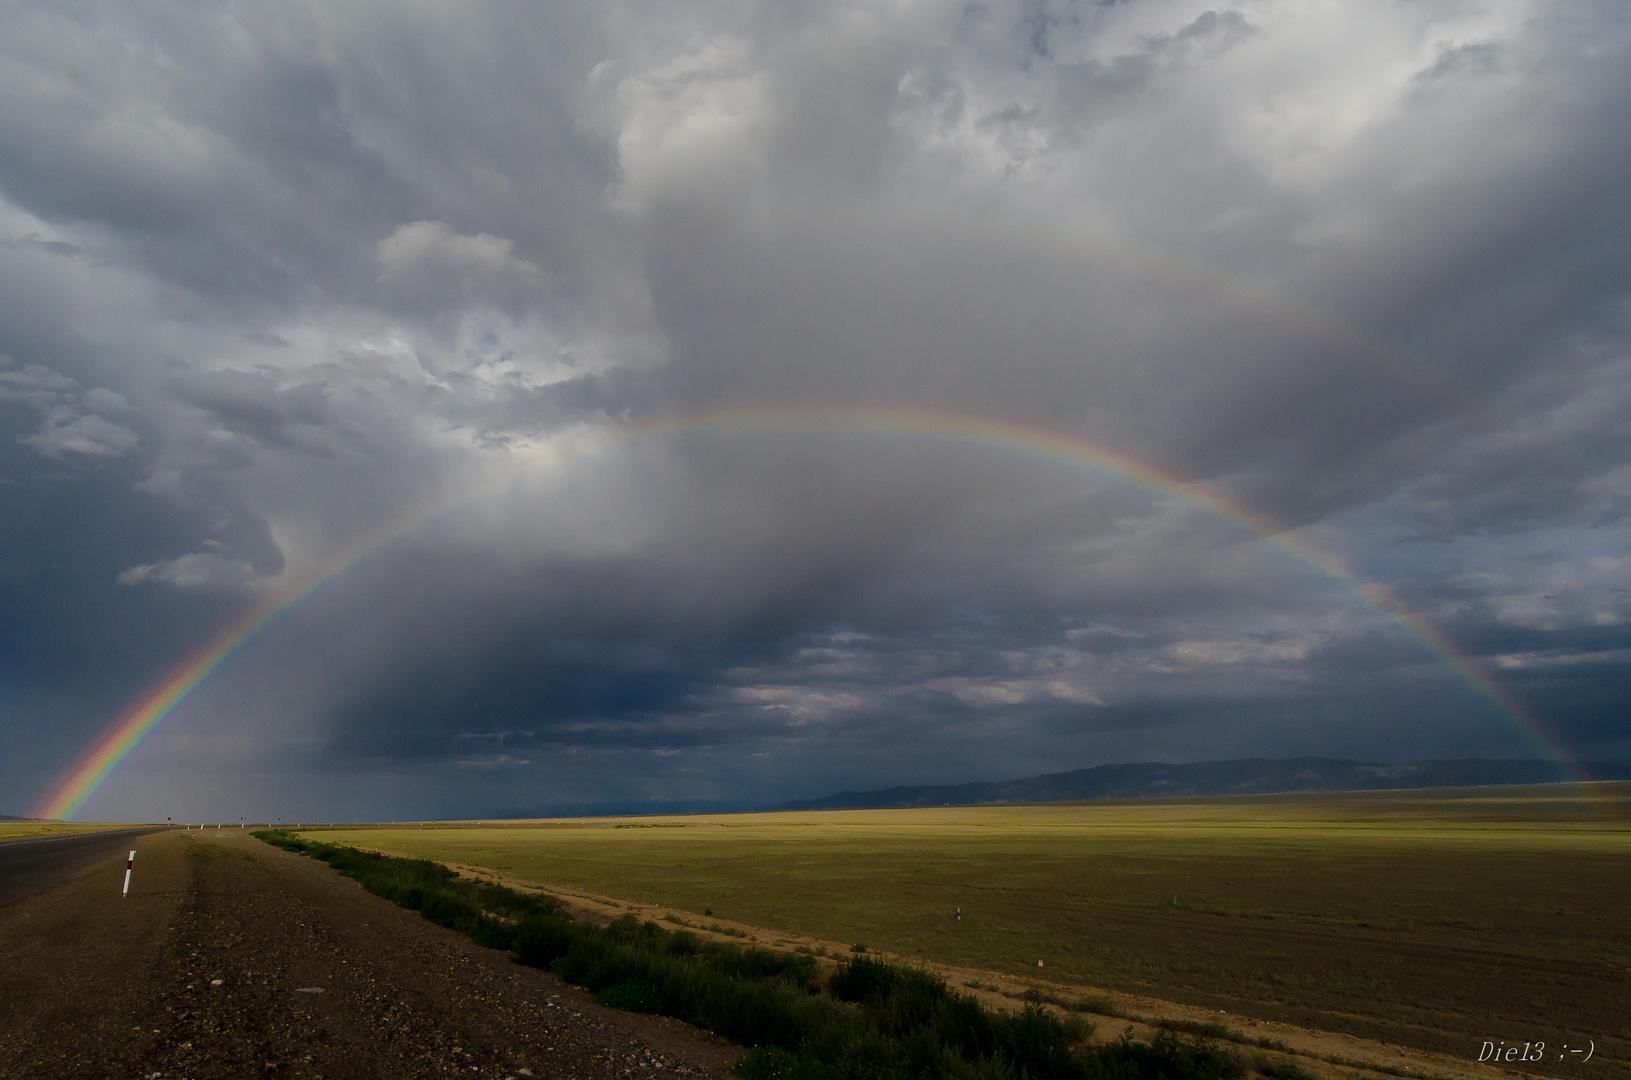 Regenbogen über Steppe...